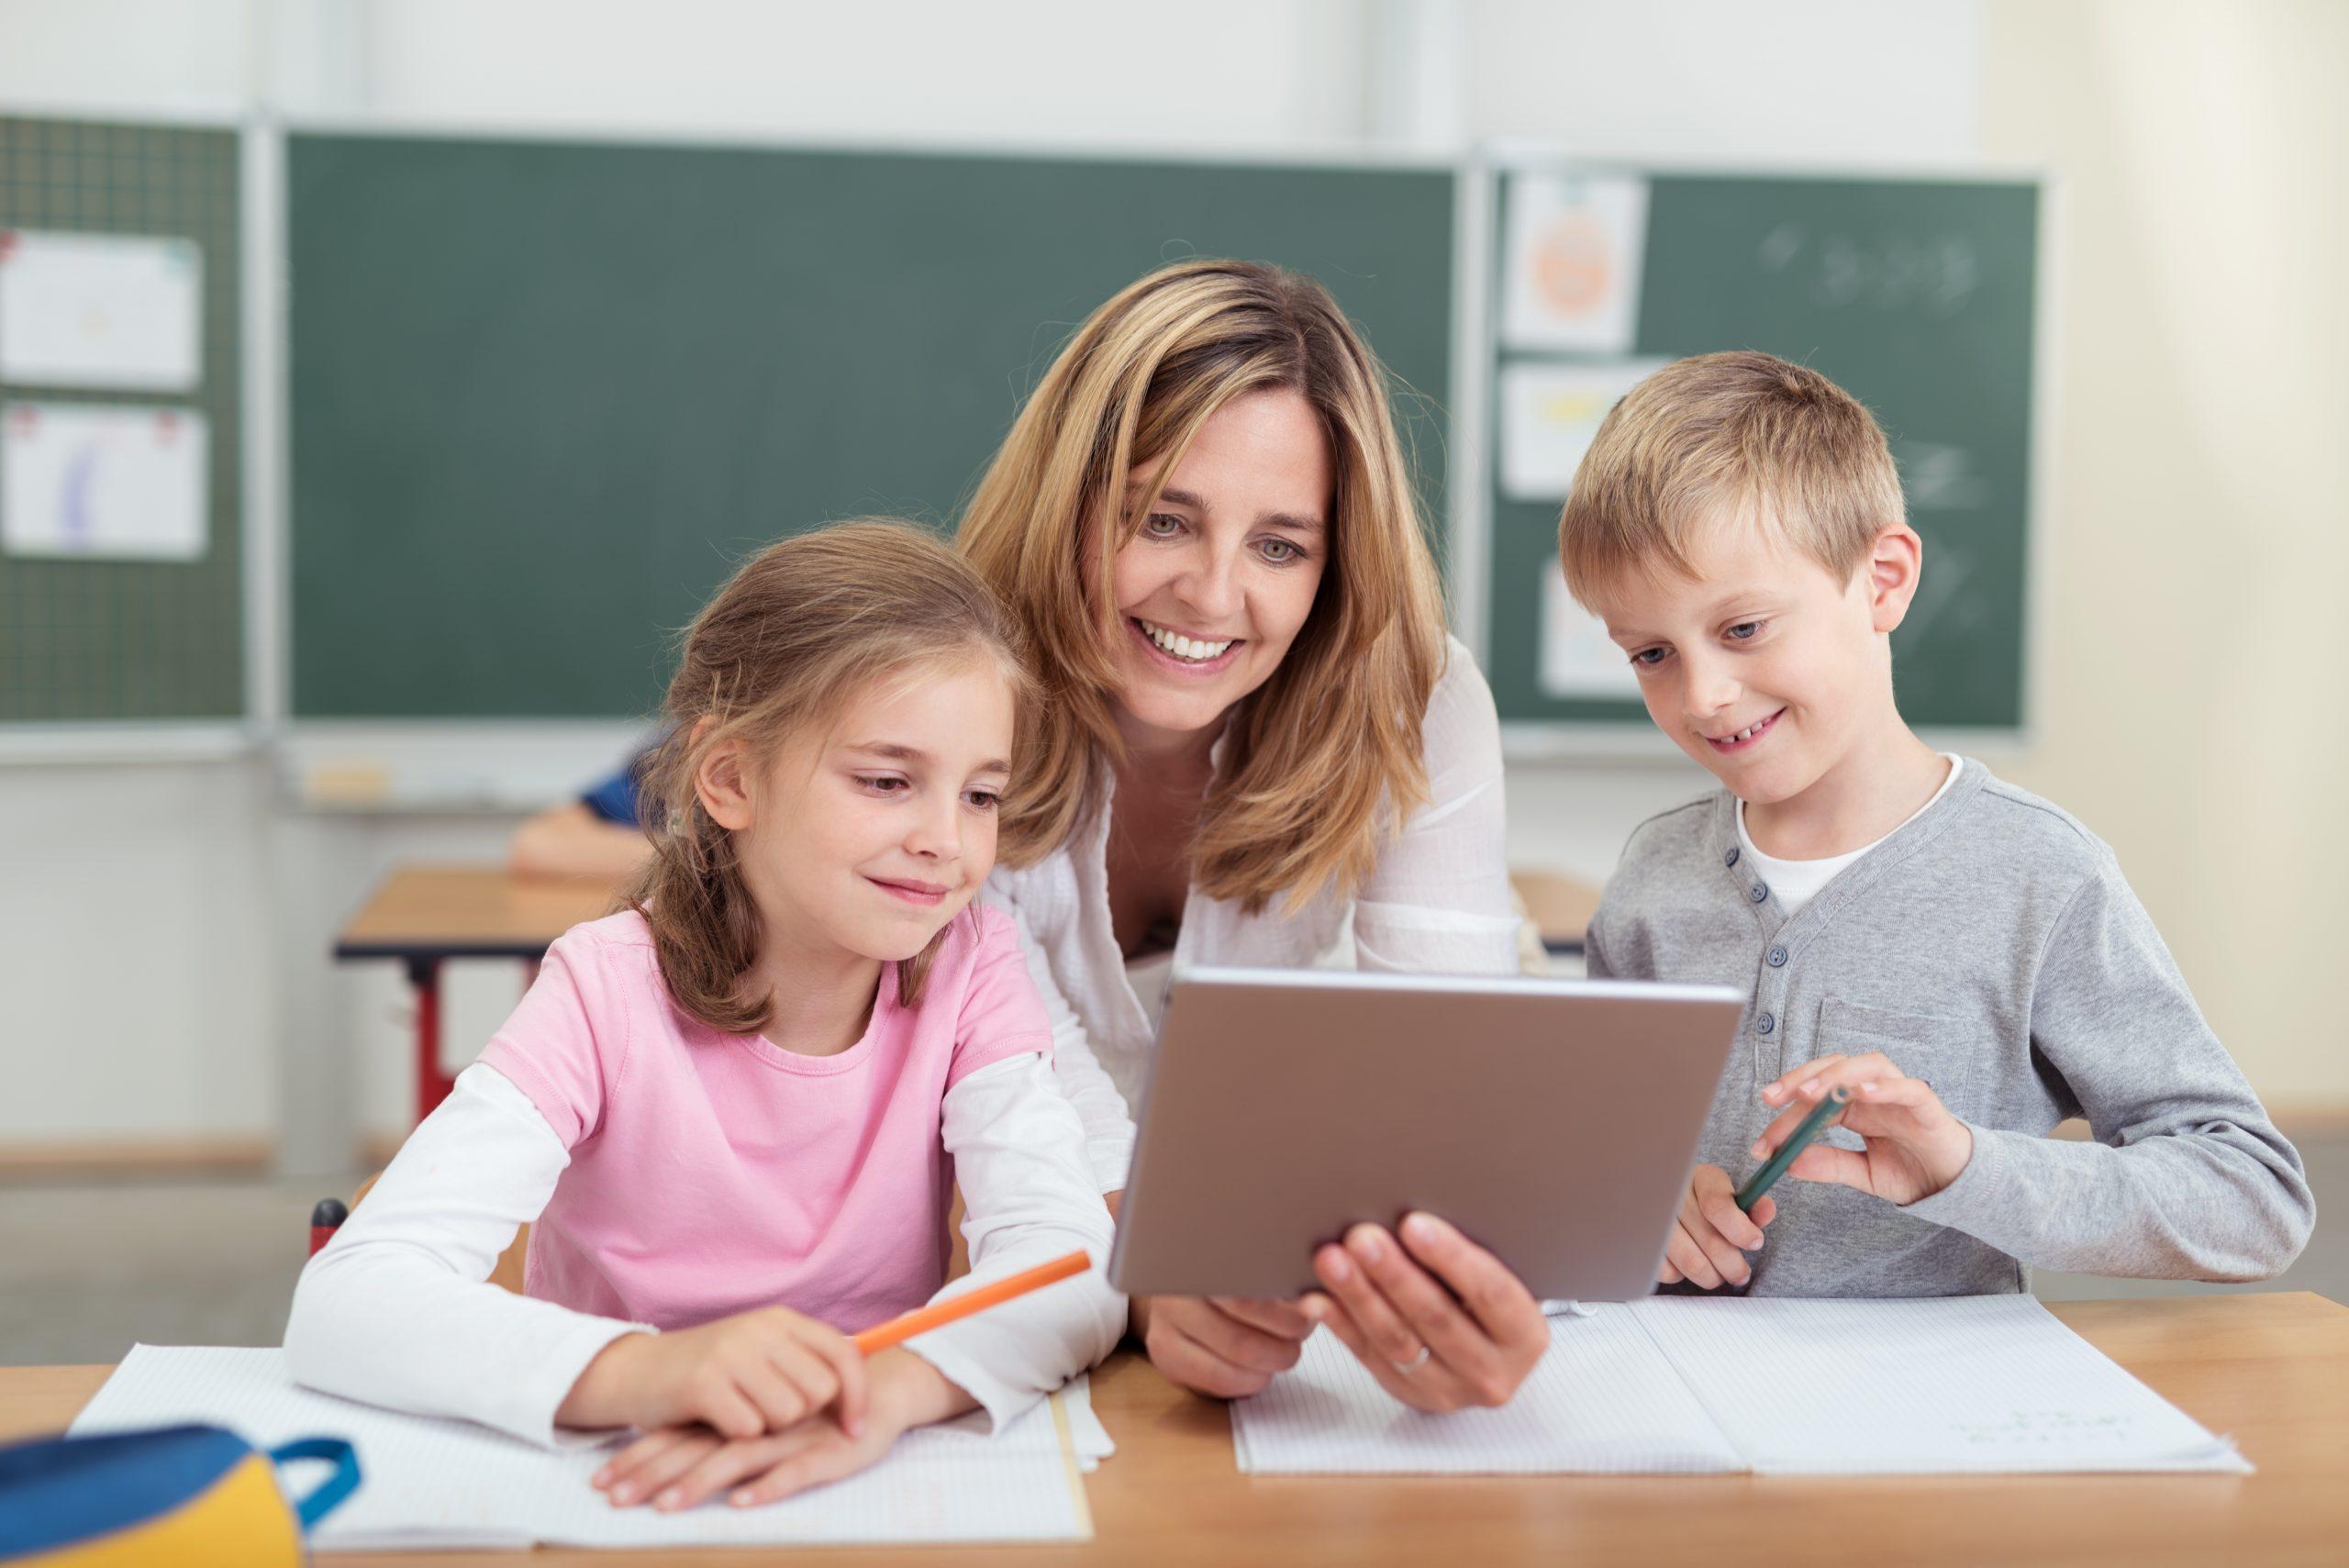 lehrerin zeigt kindern etwas am tablet